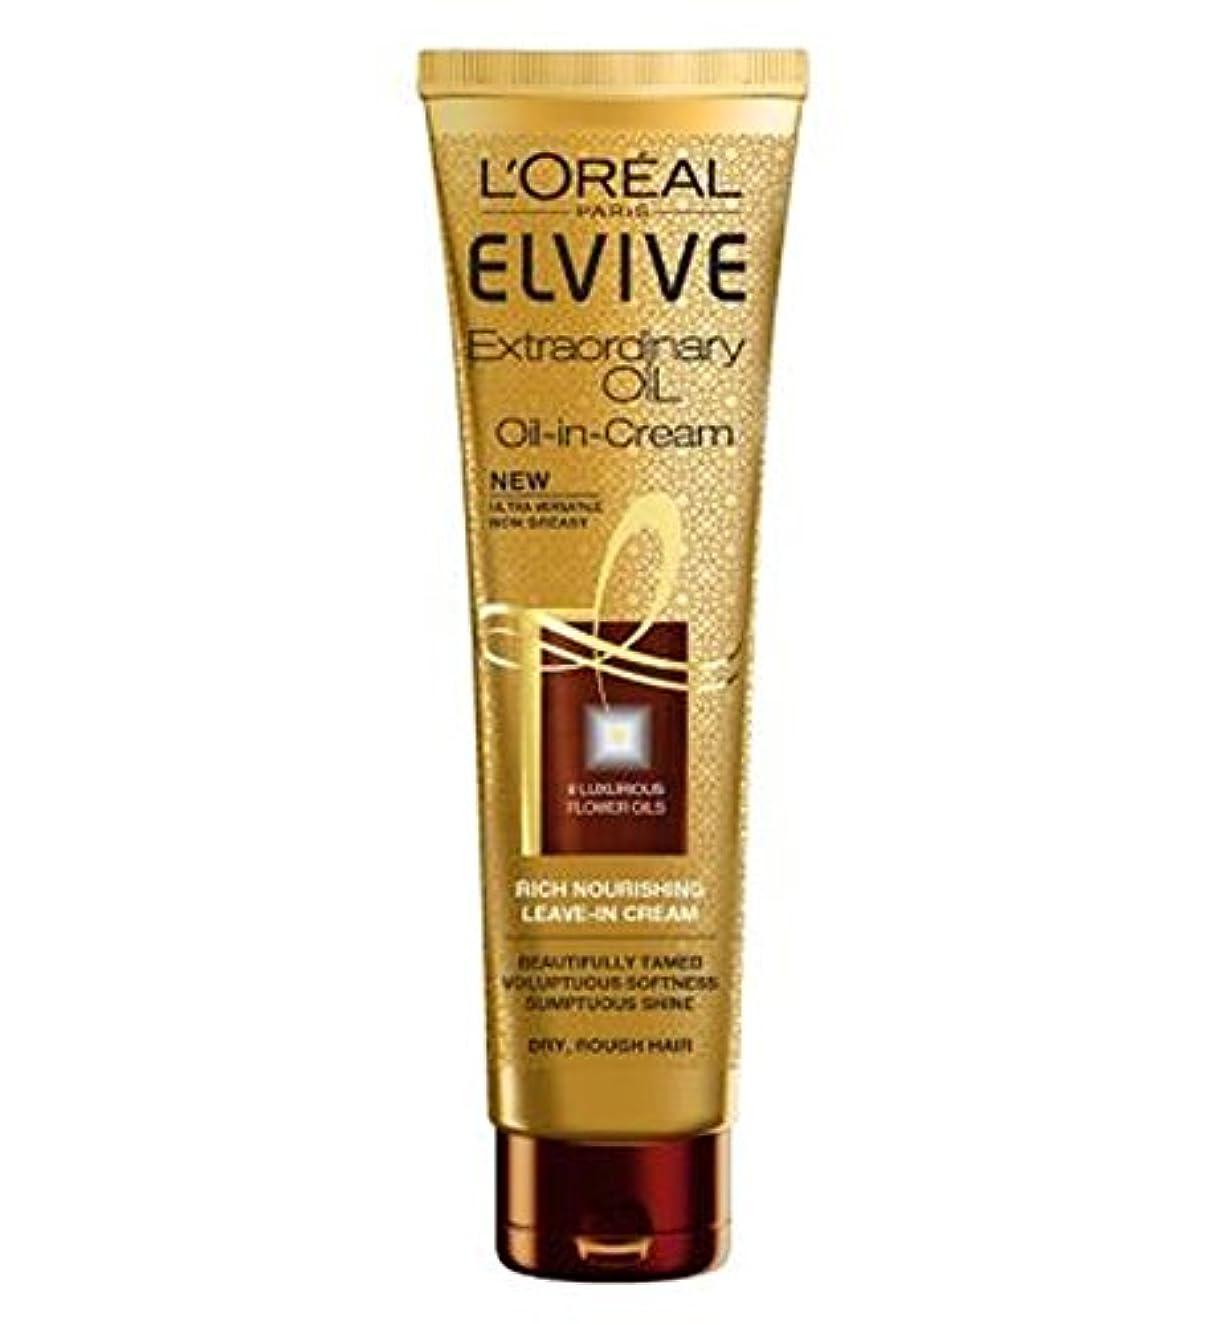 外出植物学者原点クリーム乾いた髪でロレアルパリElvive臨時オイル (L'Oreal) (x2) - L'Oreal Paris Elvive Extraordinary Oil in Cream Dry Hair (Pack of...